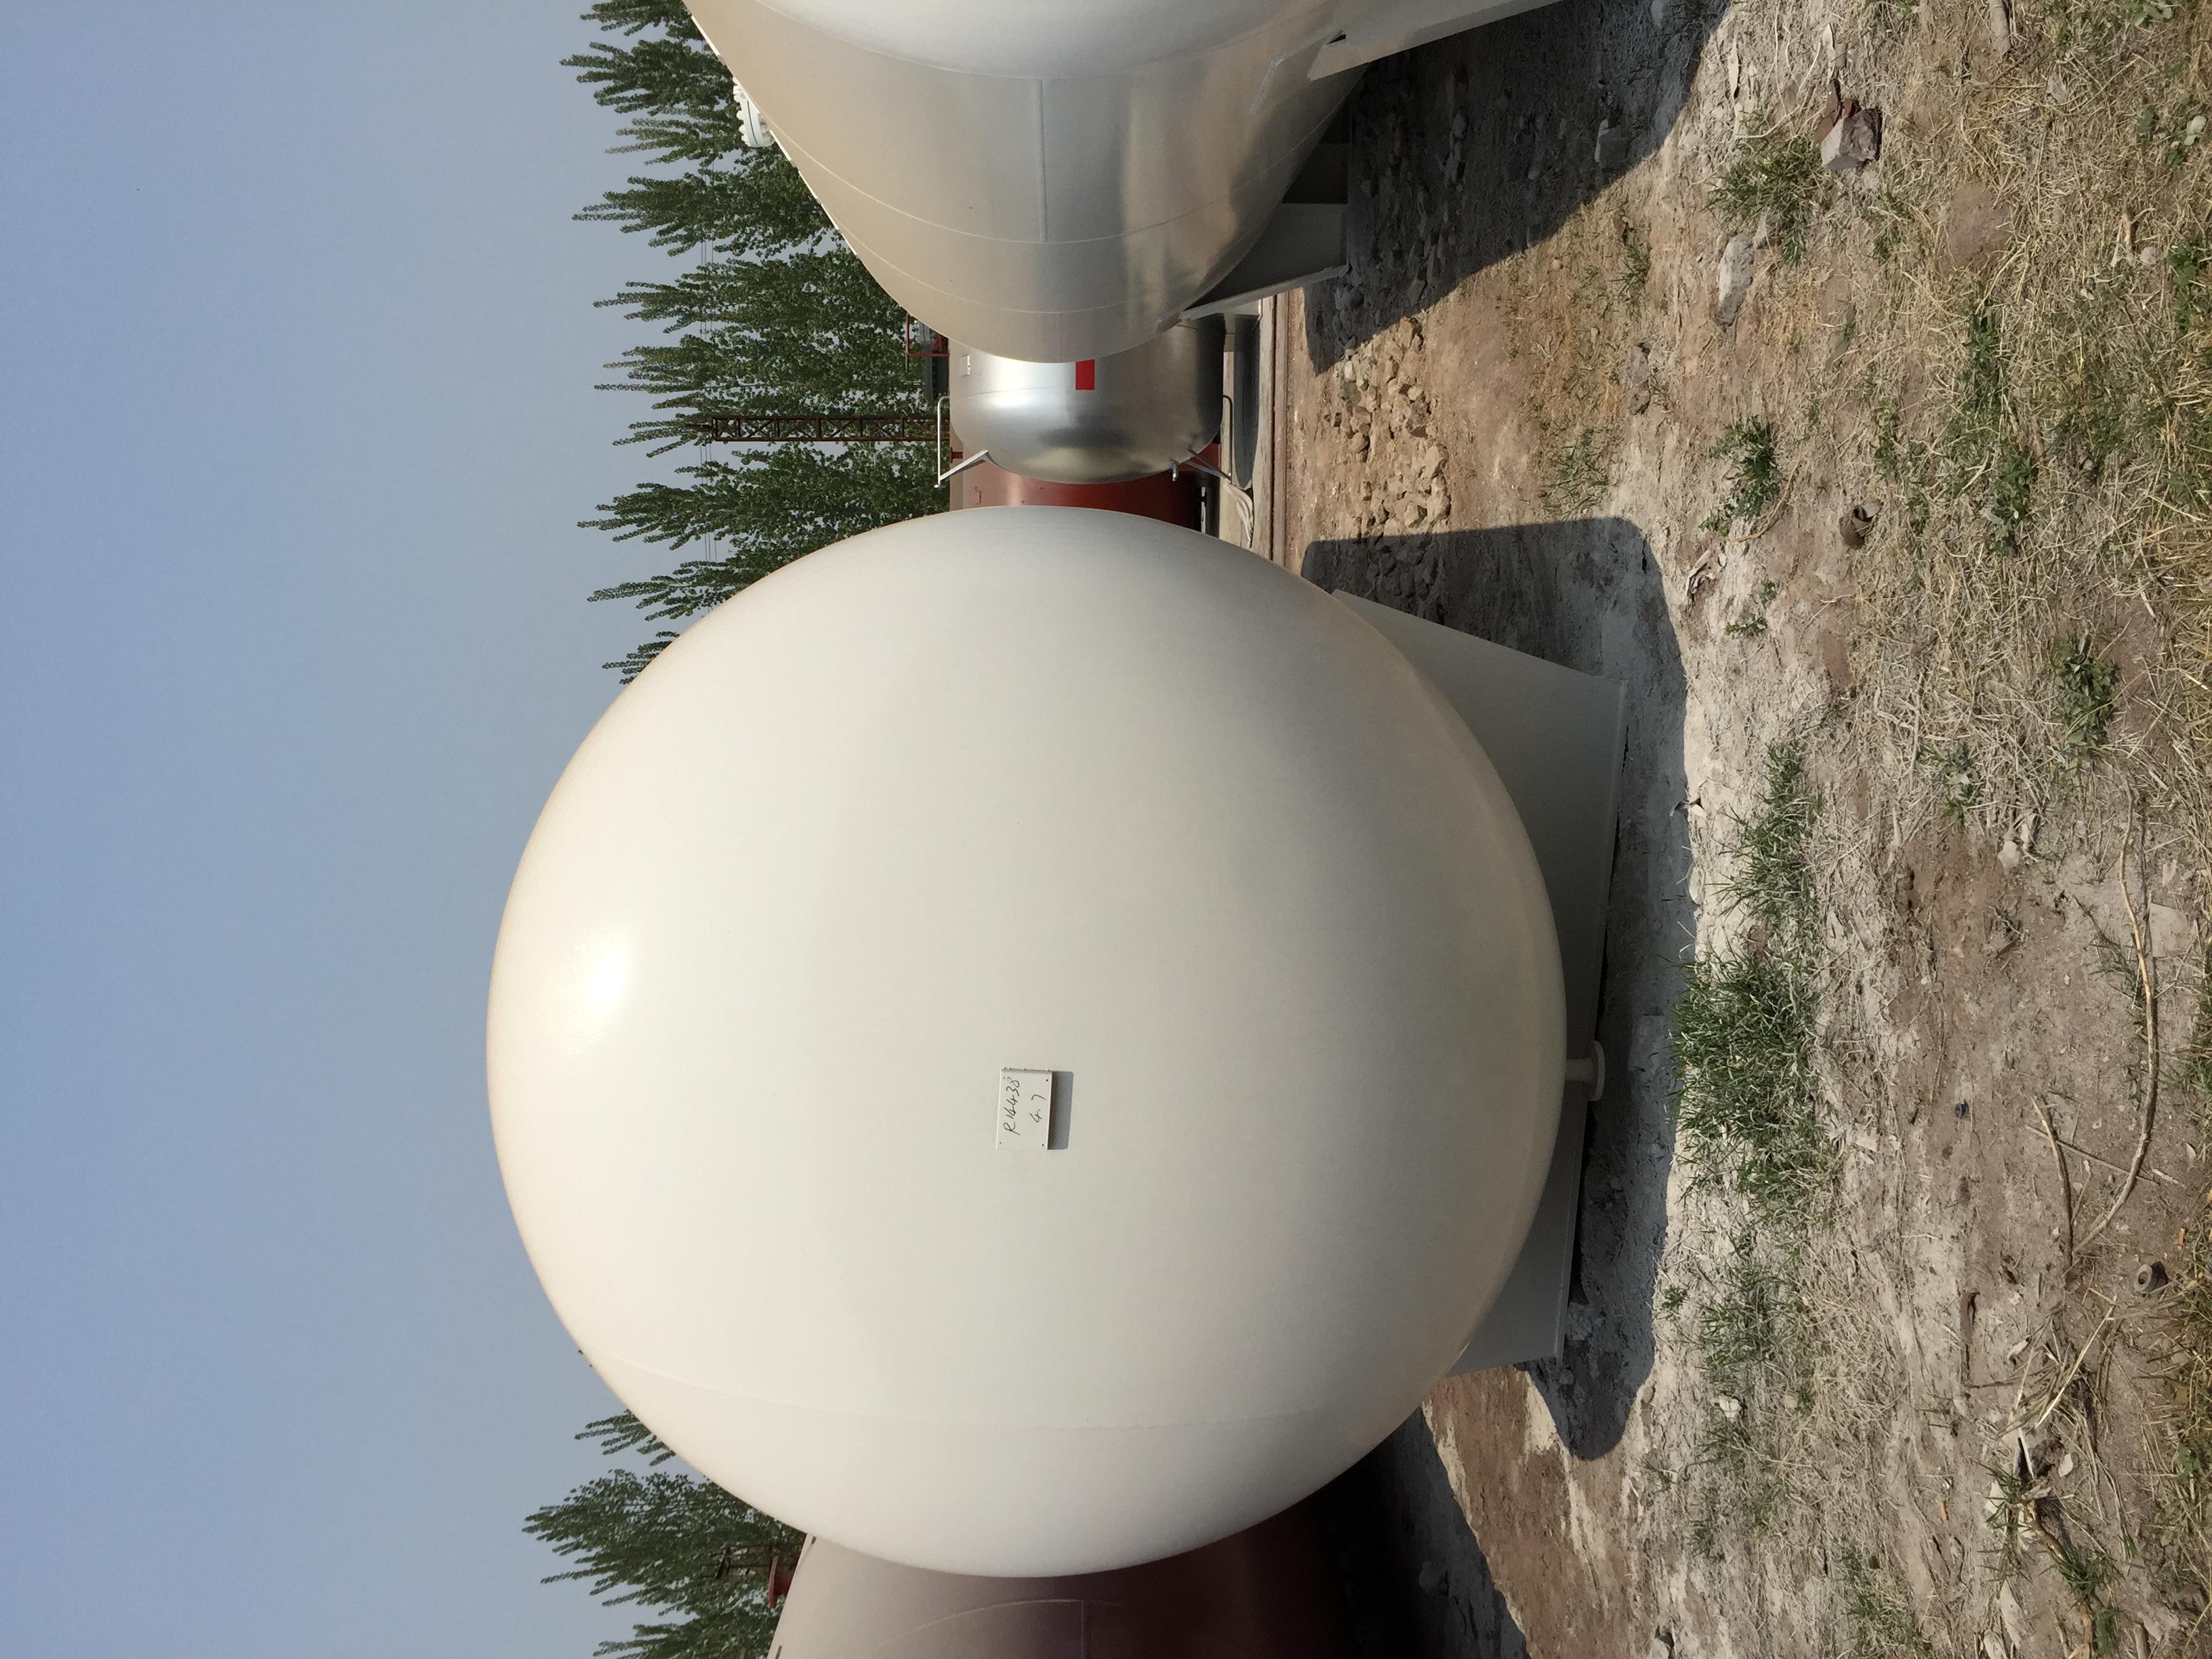 延边朝鲜族液氨蒸发器生产厂家